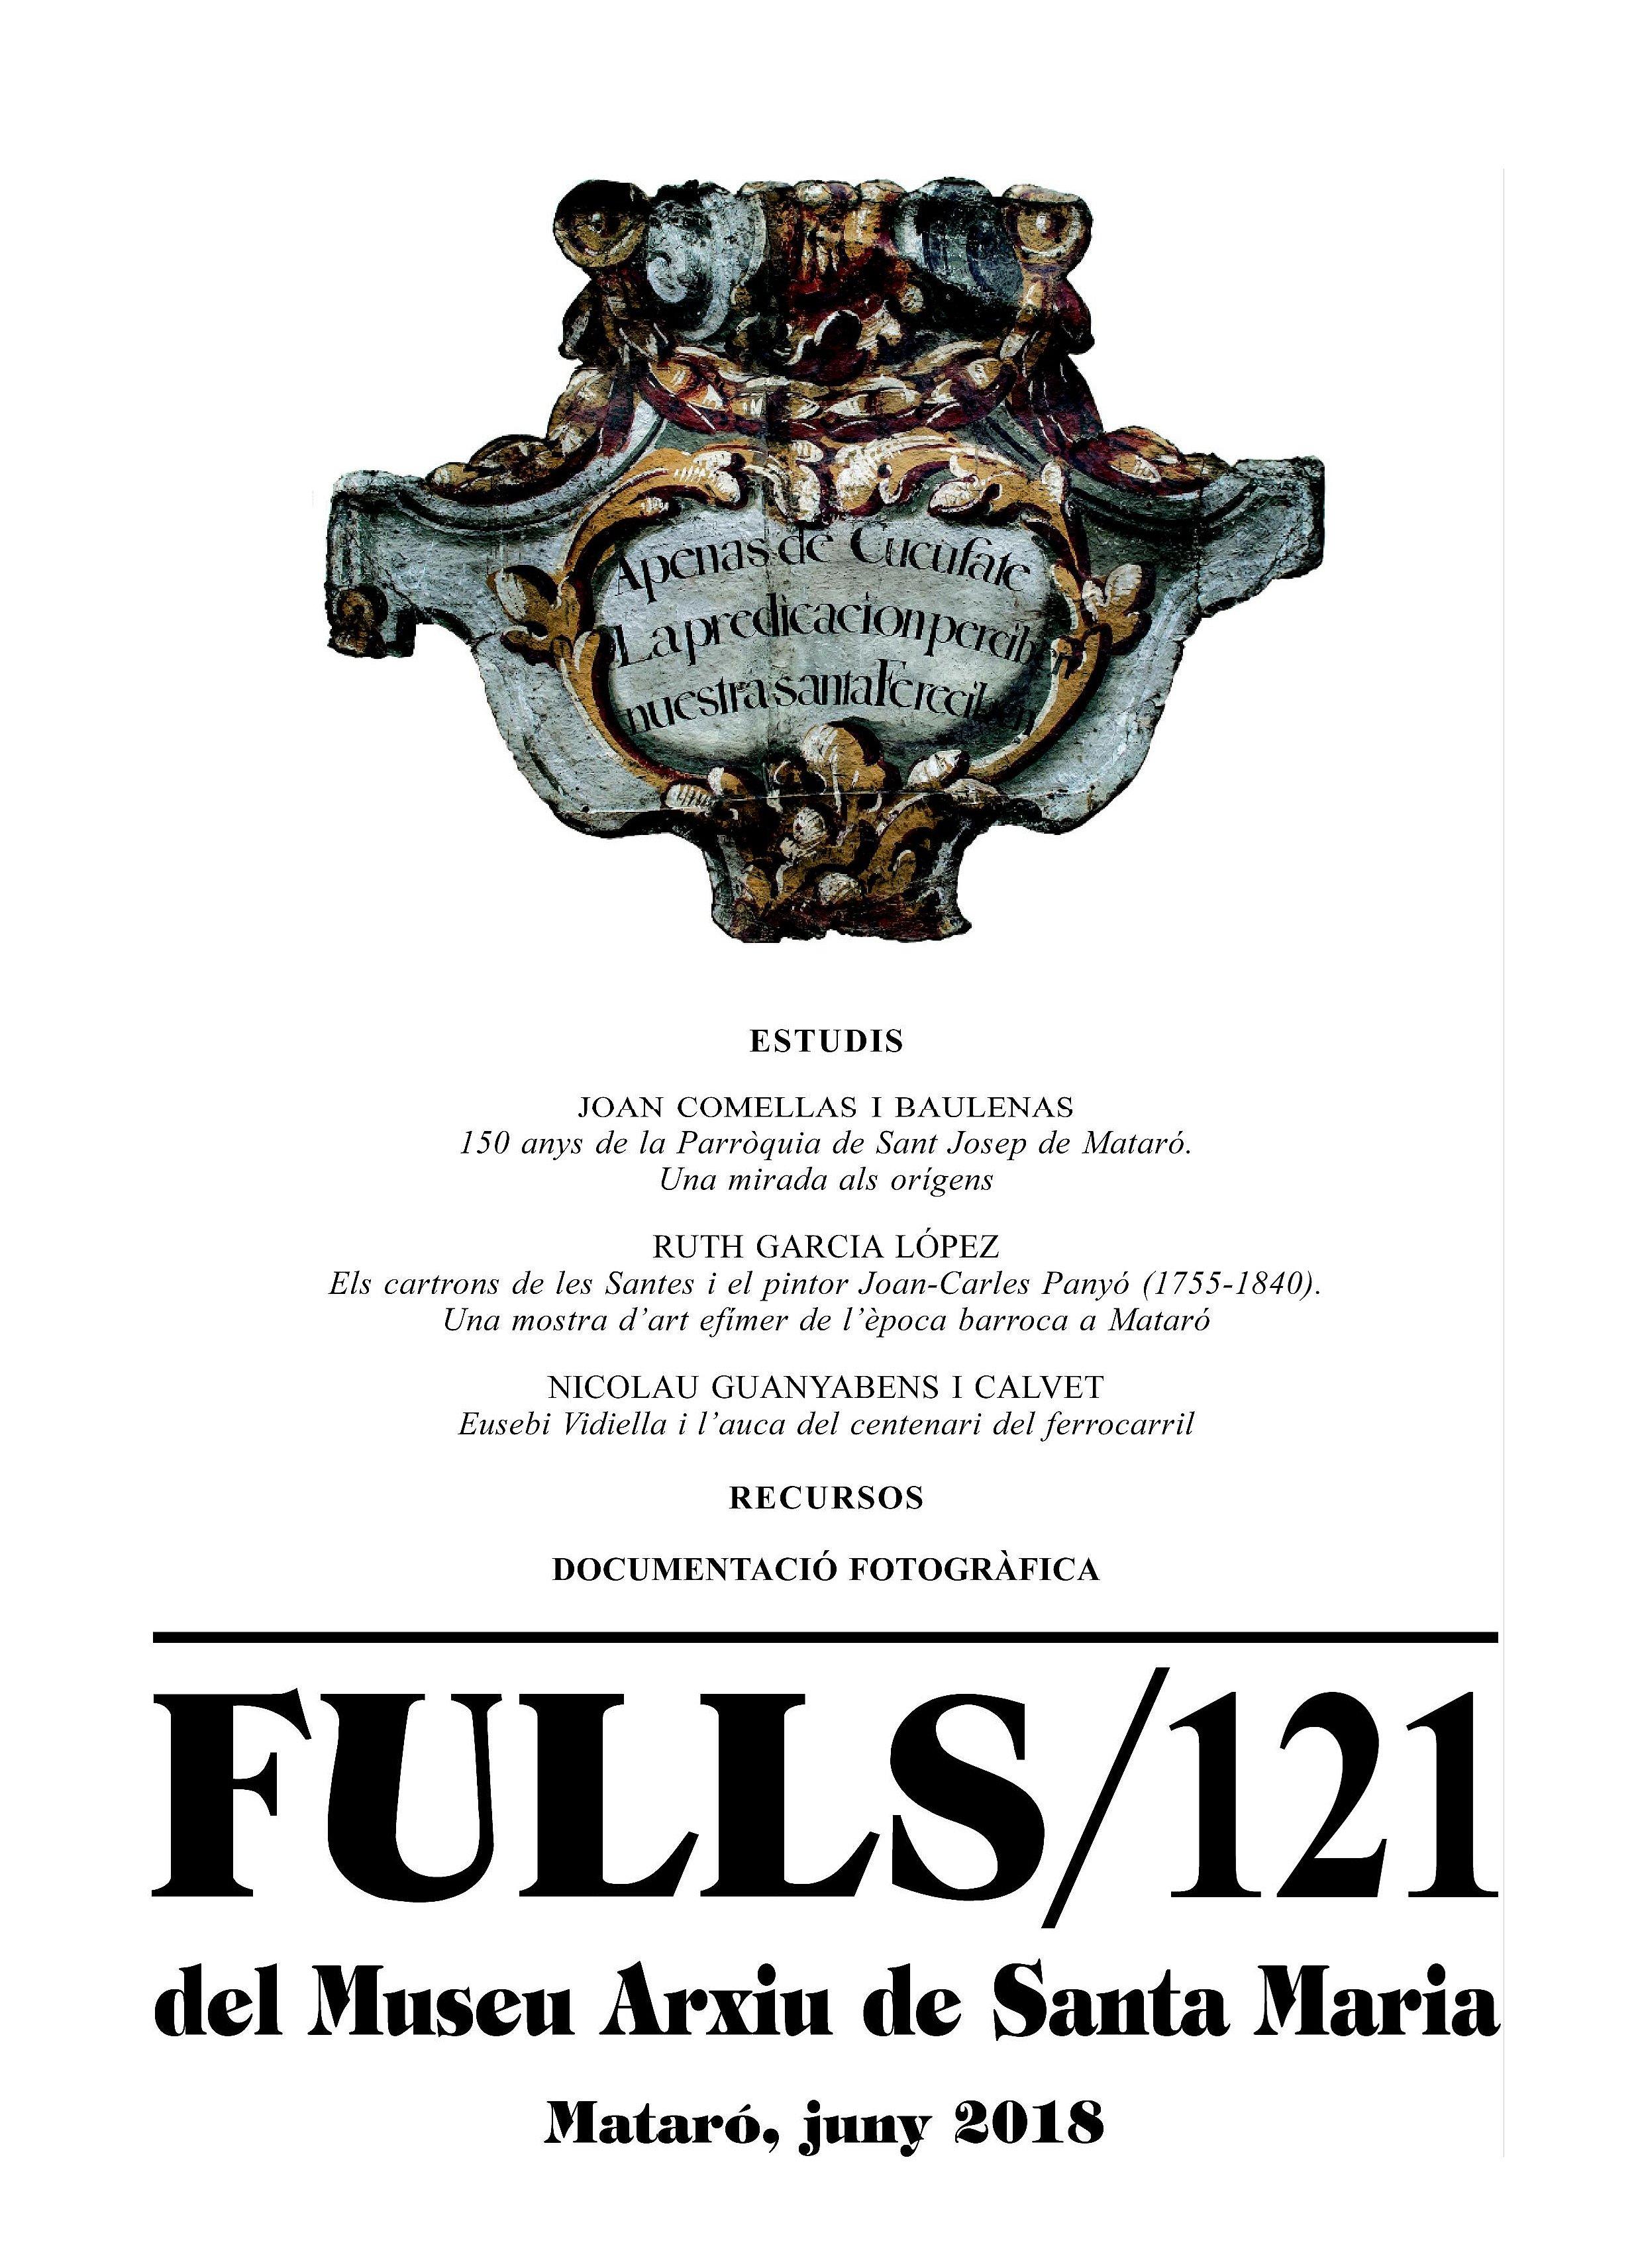 Celebració dels 40 anys de la revista Fulls del Museu Arxiu de Santa Maria